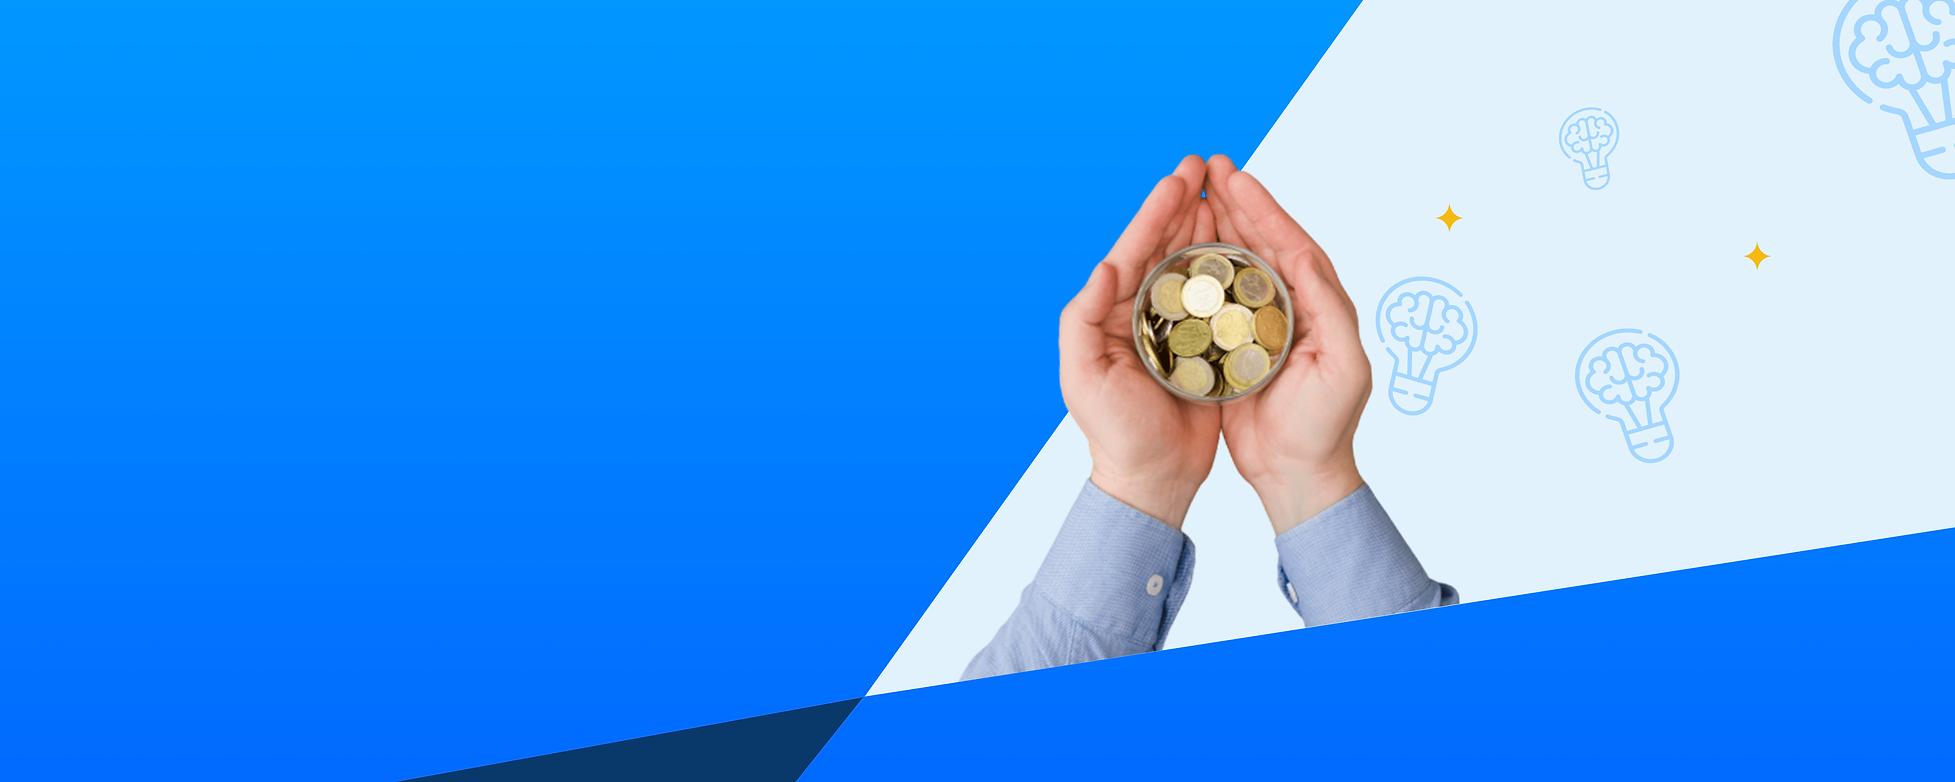 fitur easy invest - tabungan reksa dana untuk pemula